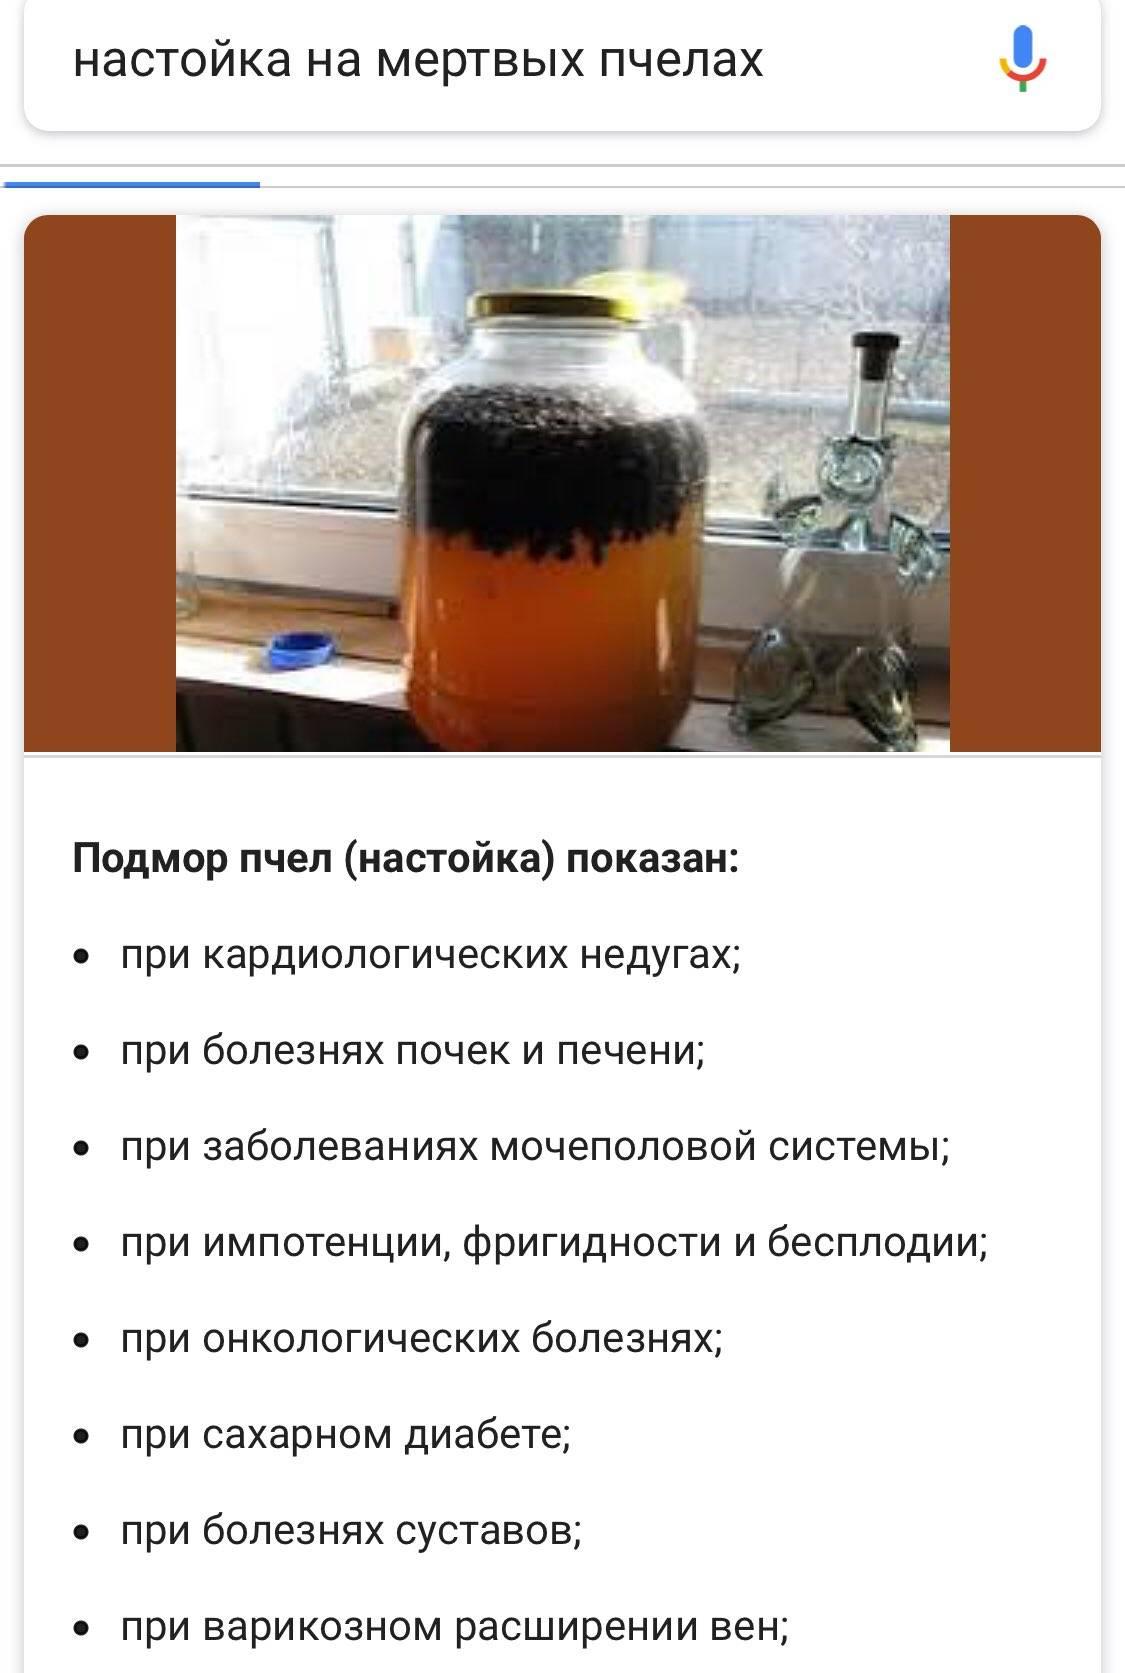 Подмор пчелиный: лечебные свойства, его применение для мужчин и для женщин, польза и вред.